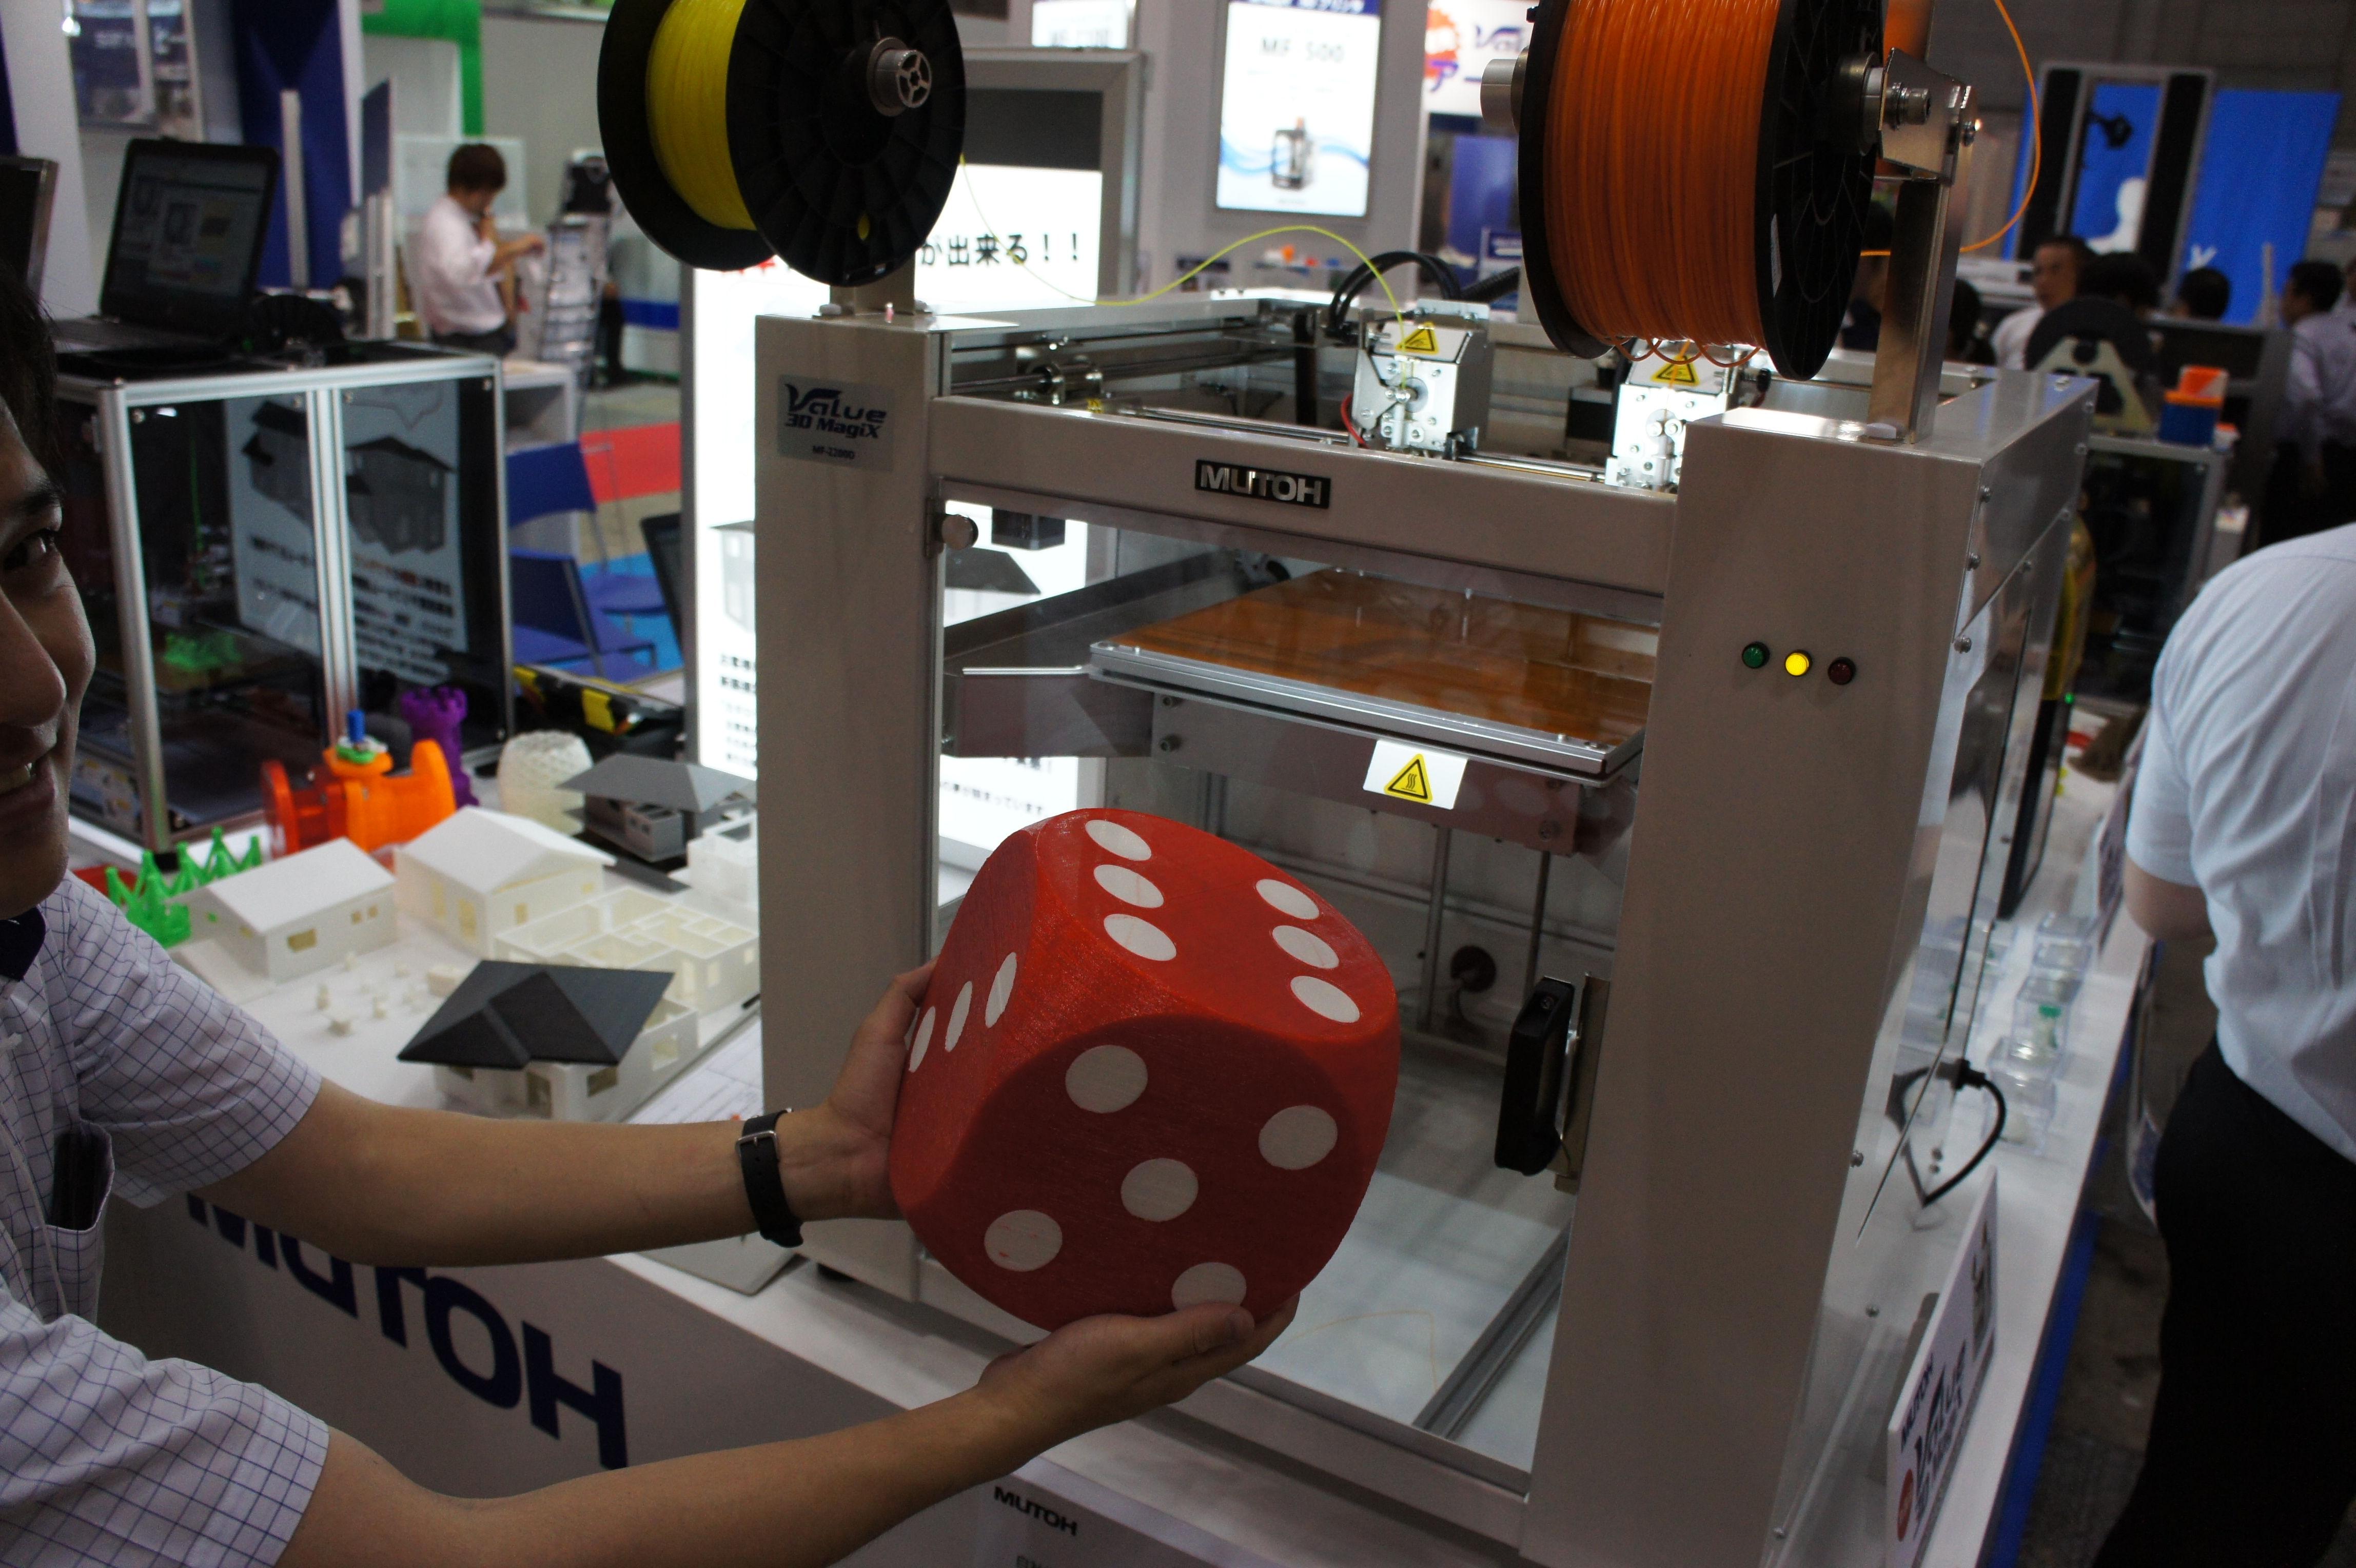 株式会社 ムトーエンジニアリングブース(3Dプリンタの未来)